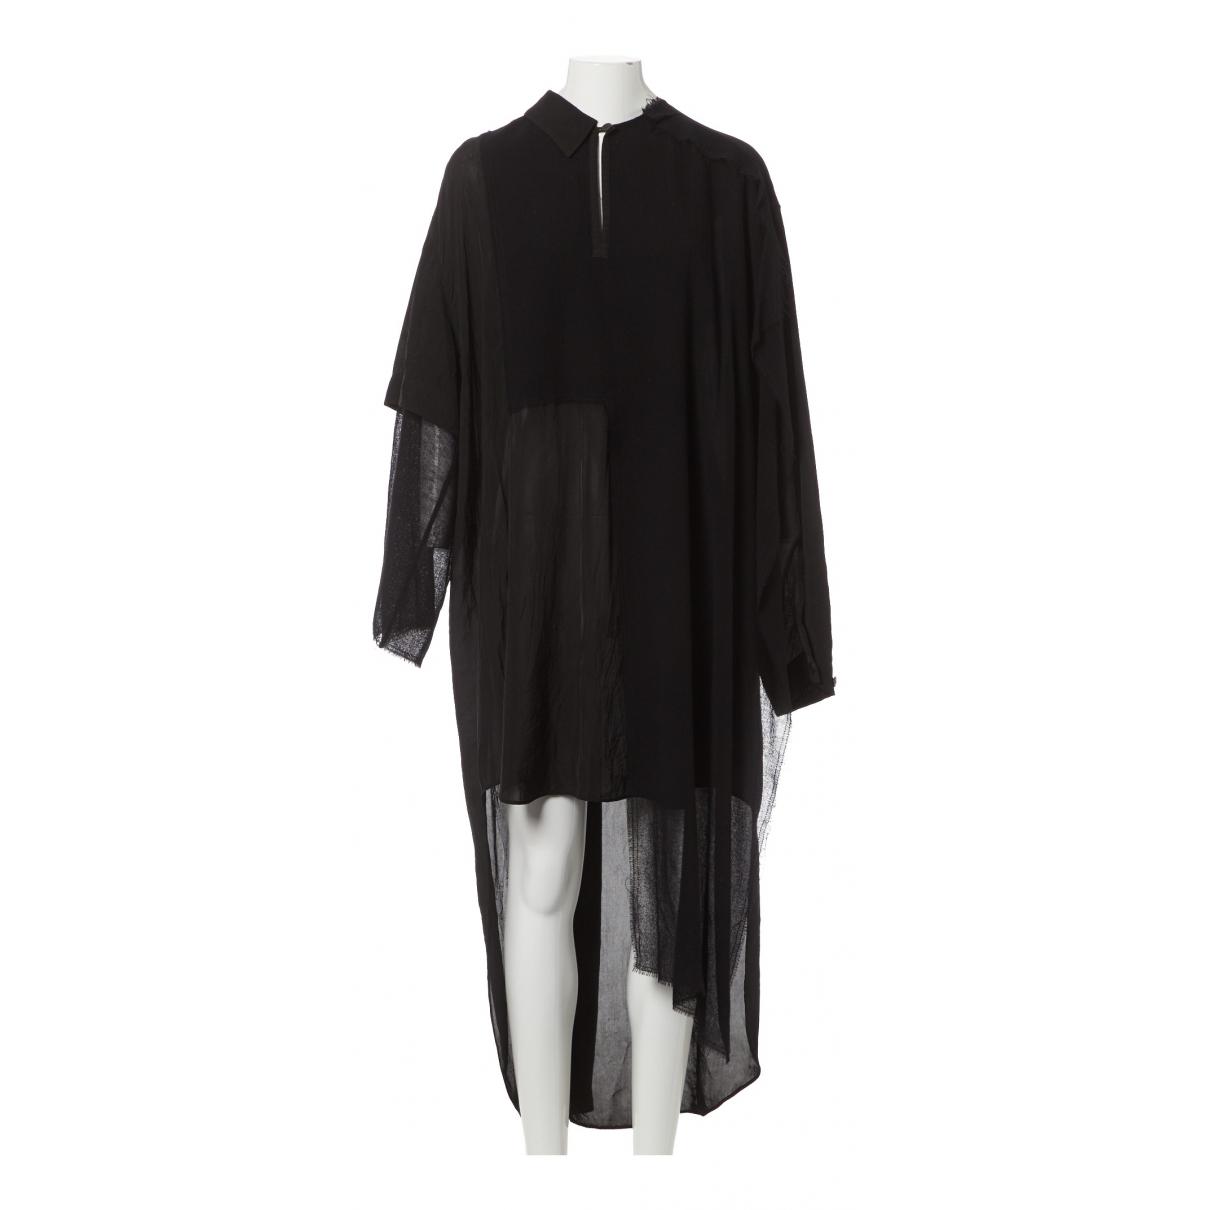 Loewe \N Kleid in  Schwarz Viskose